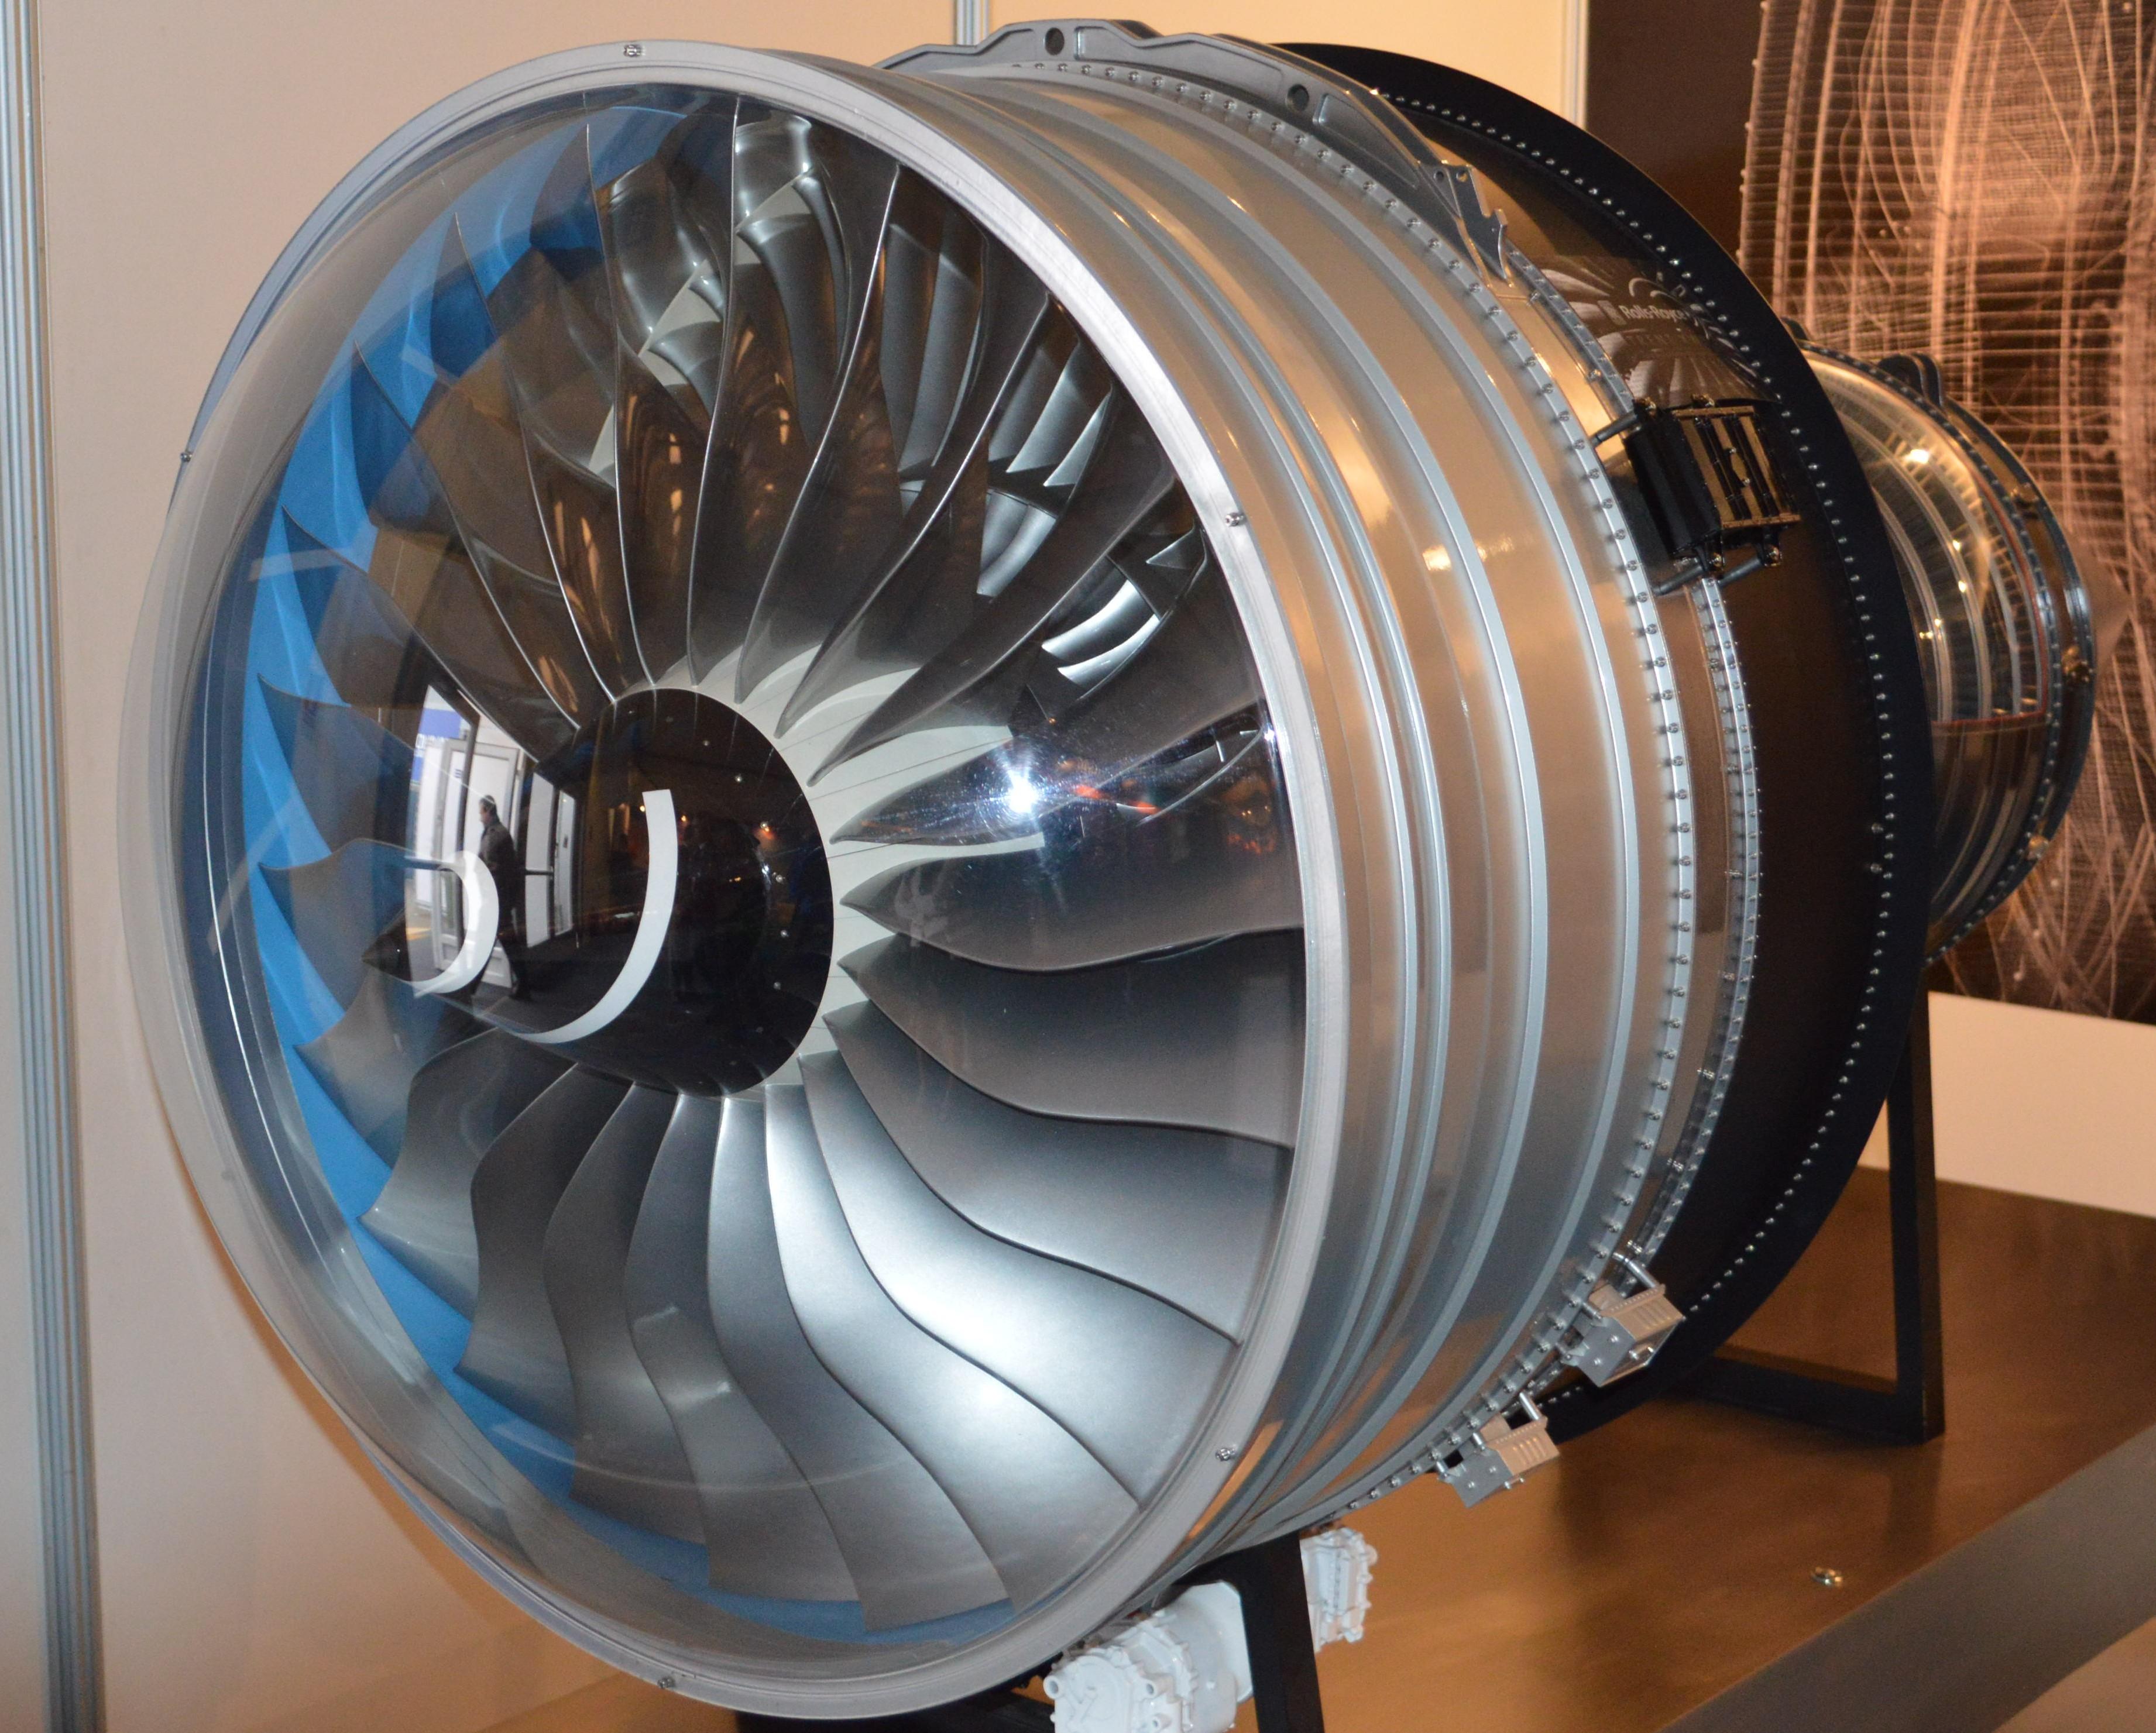 Motores hipersónicos cinco veces más rápidos que el sonido revolucionarán los viajes aéreos